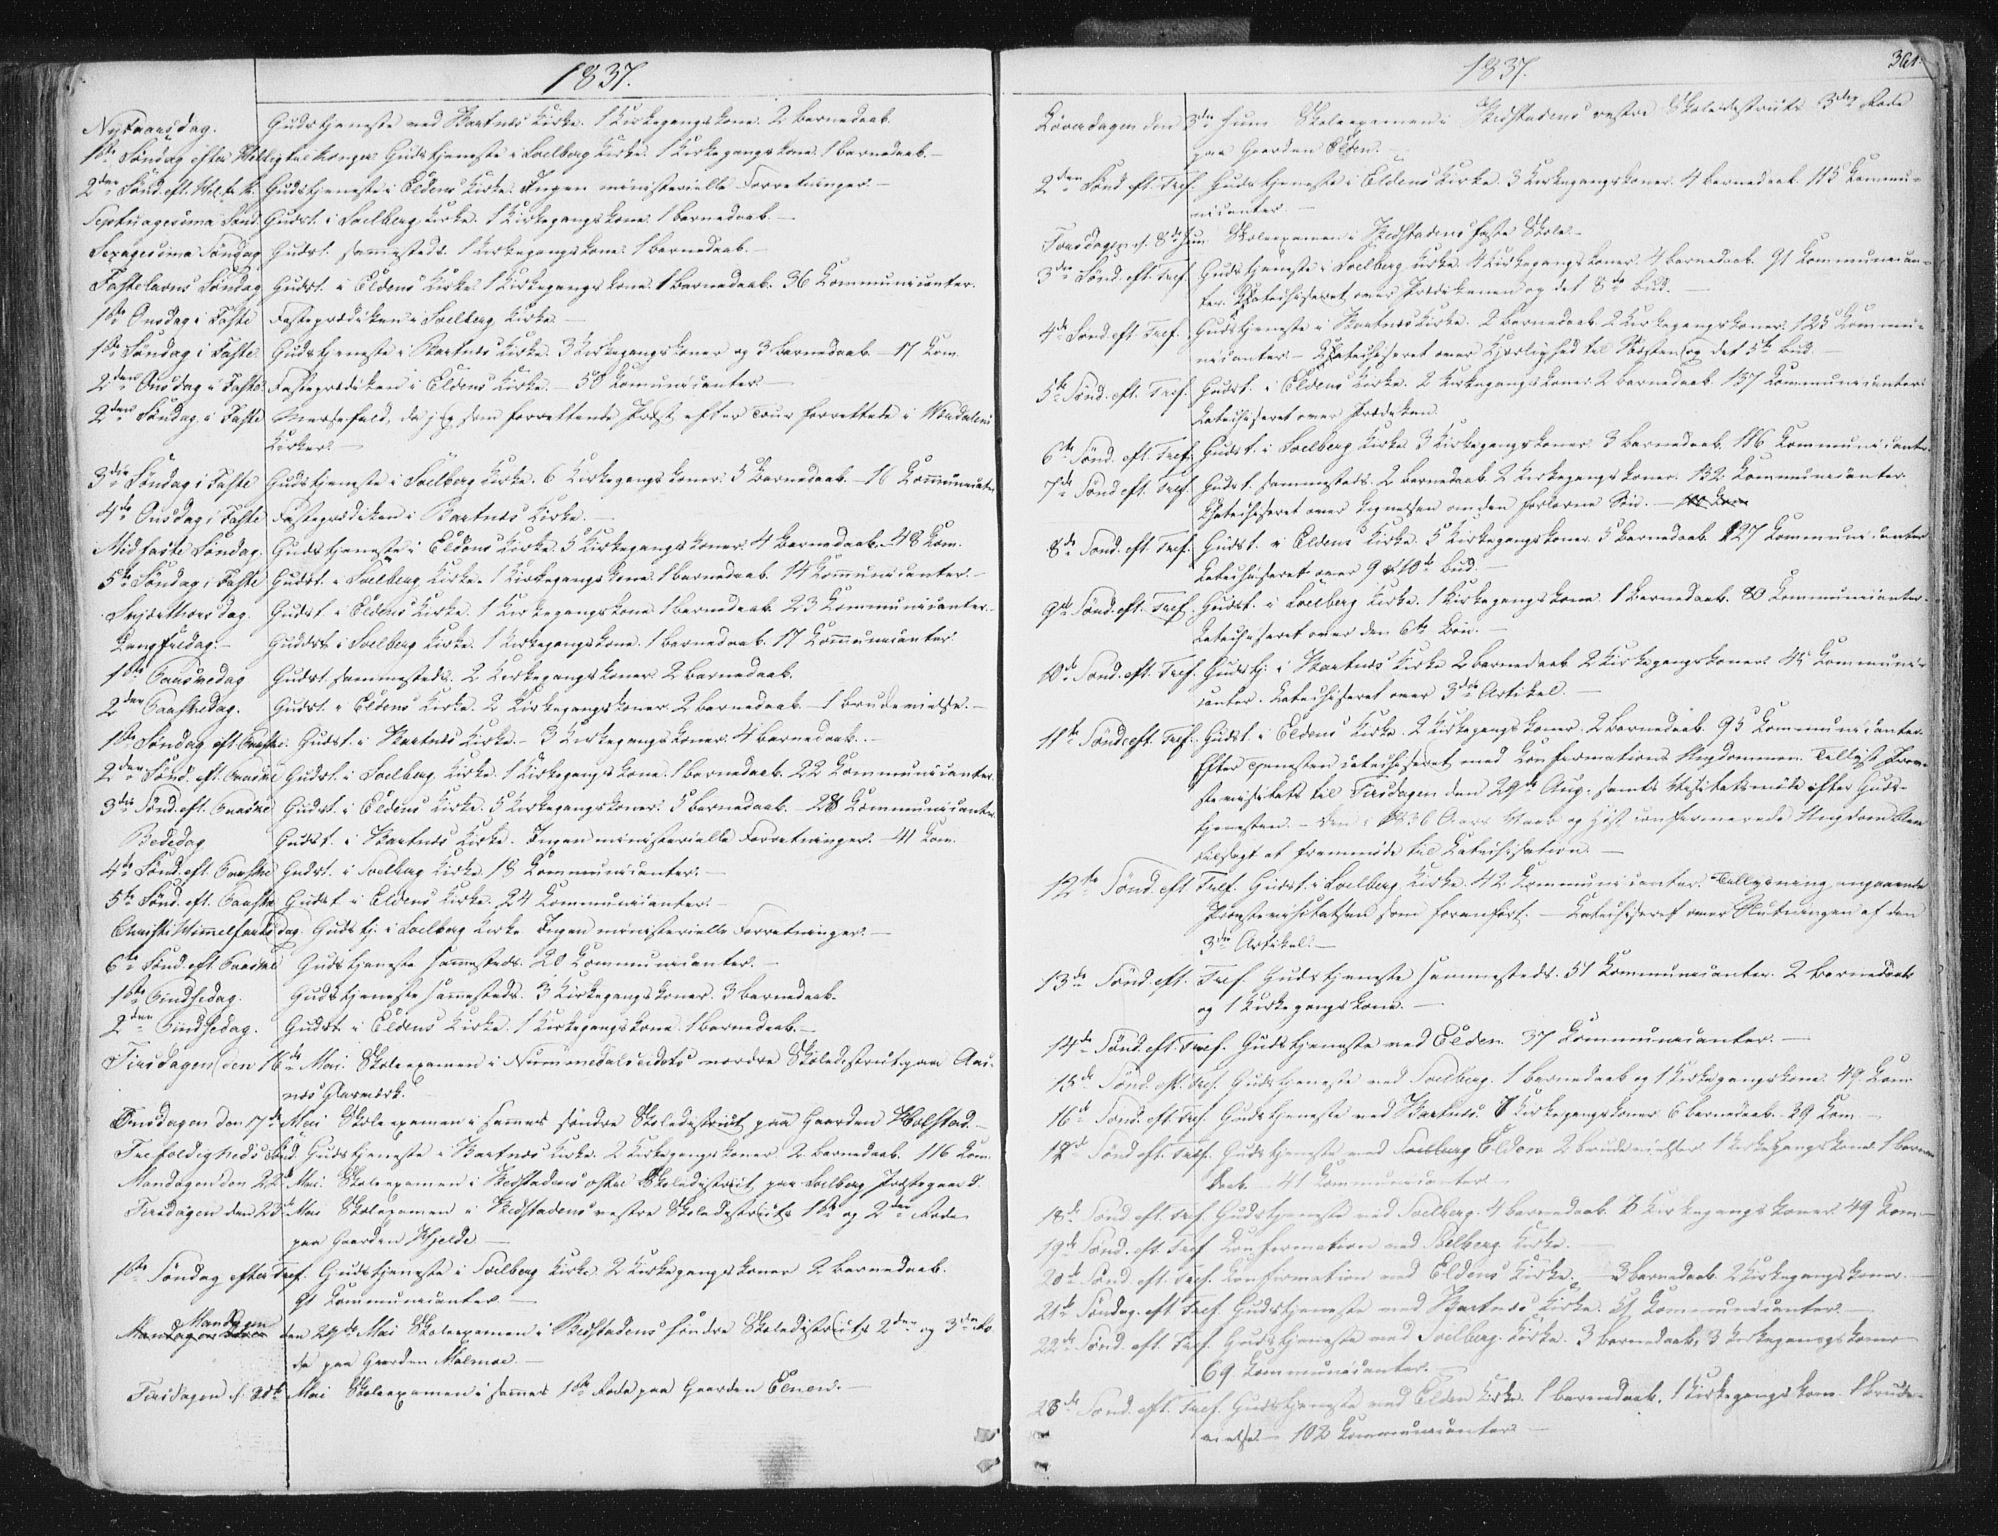 SAT, Ministerialprotokoller, klokkerbøker og fødselsregistre - Nord-Trøndelag, 741/L0392: Ministerialbok nr. 741A06, 1836-1848, s. 361